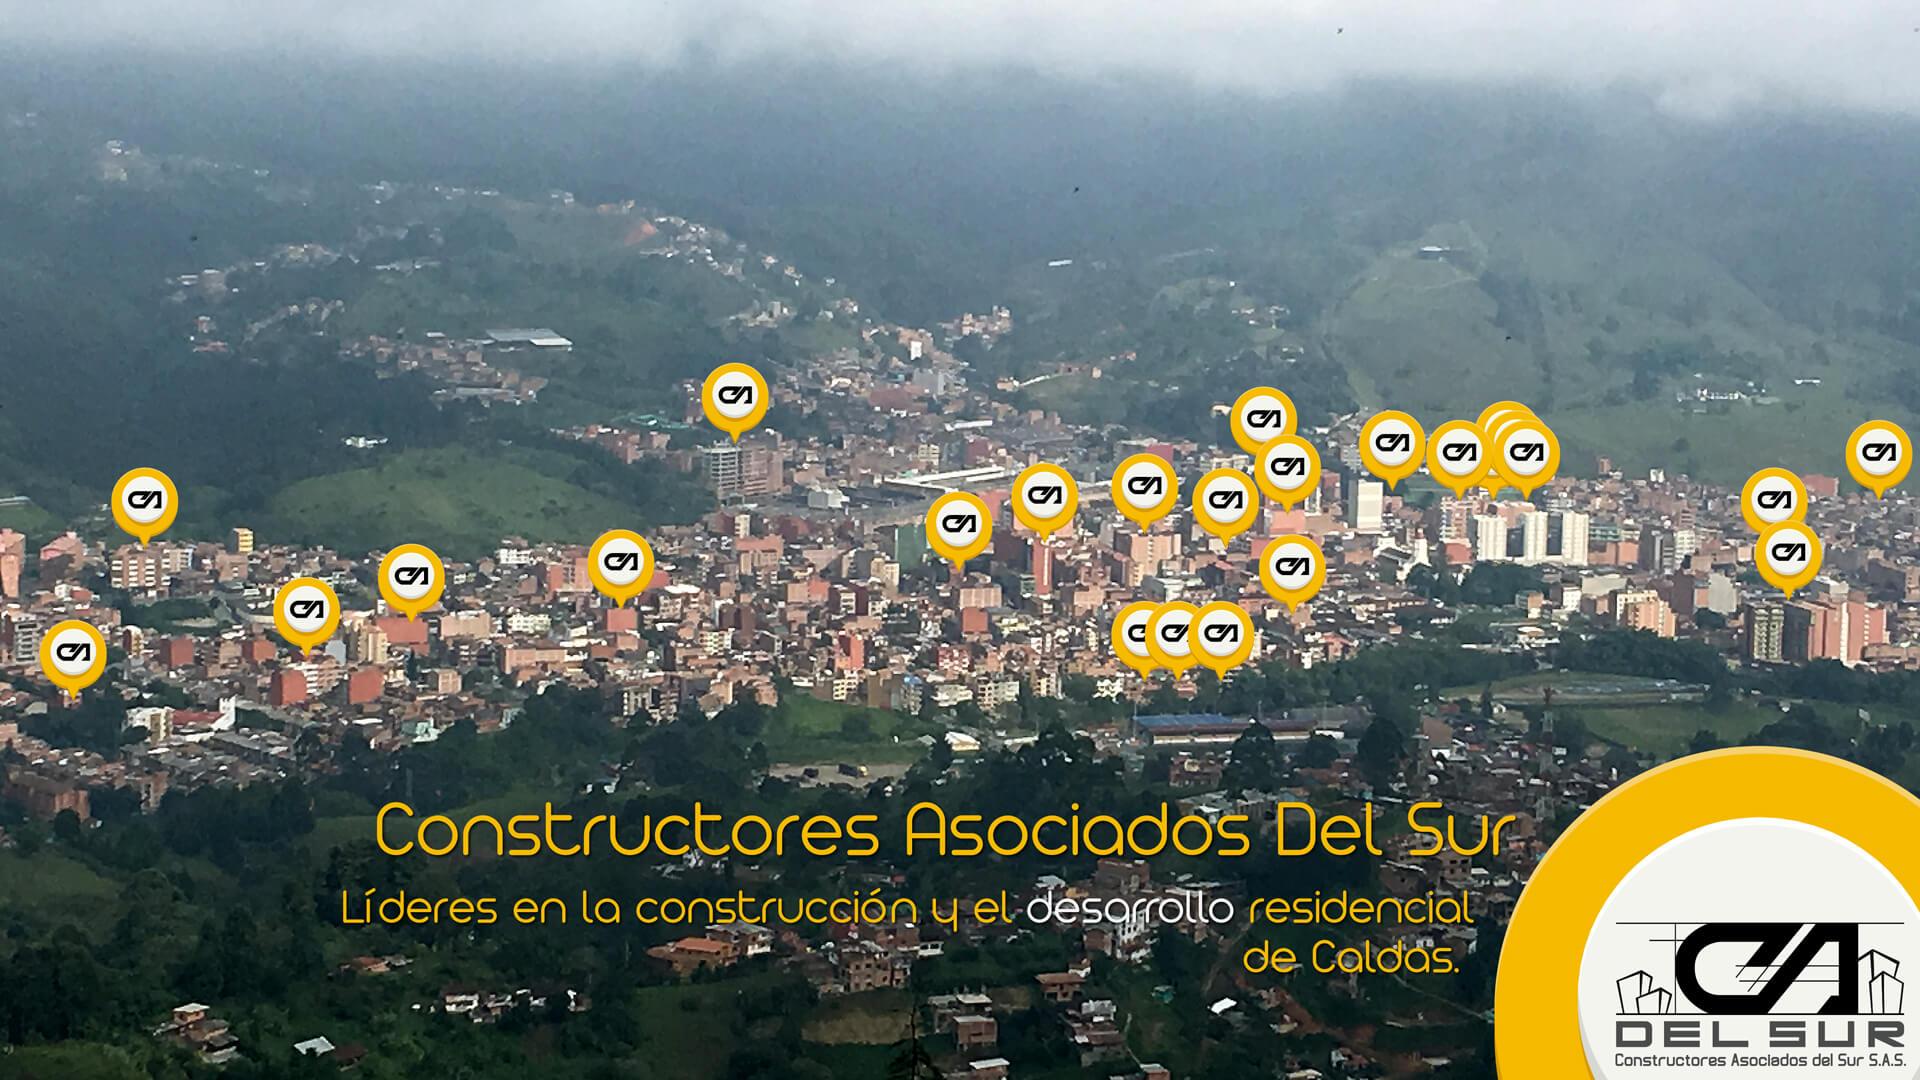 Constructores Asociados Del Sur